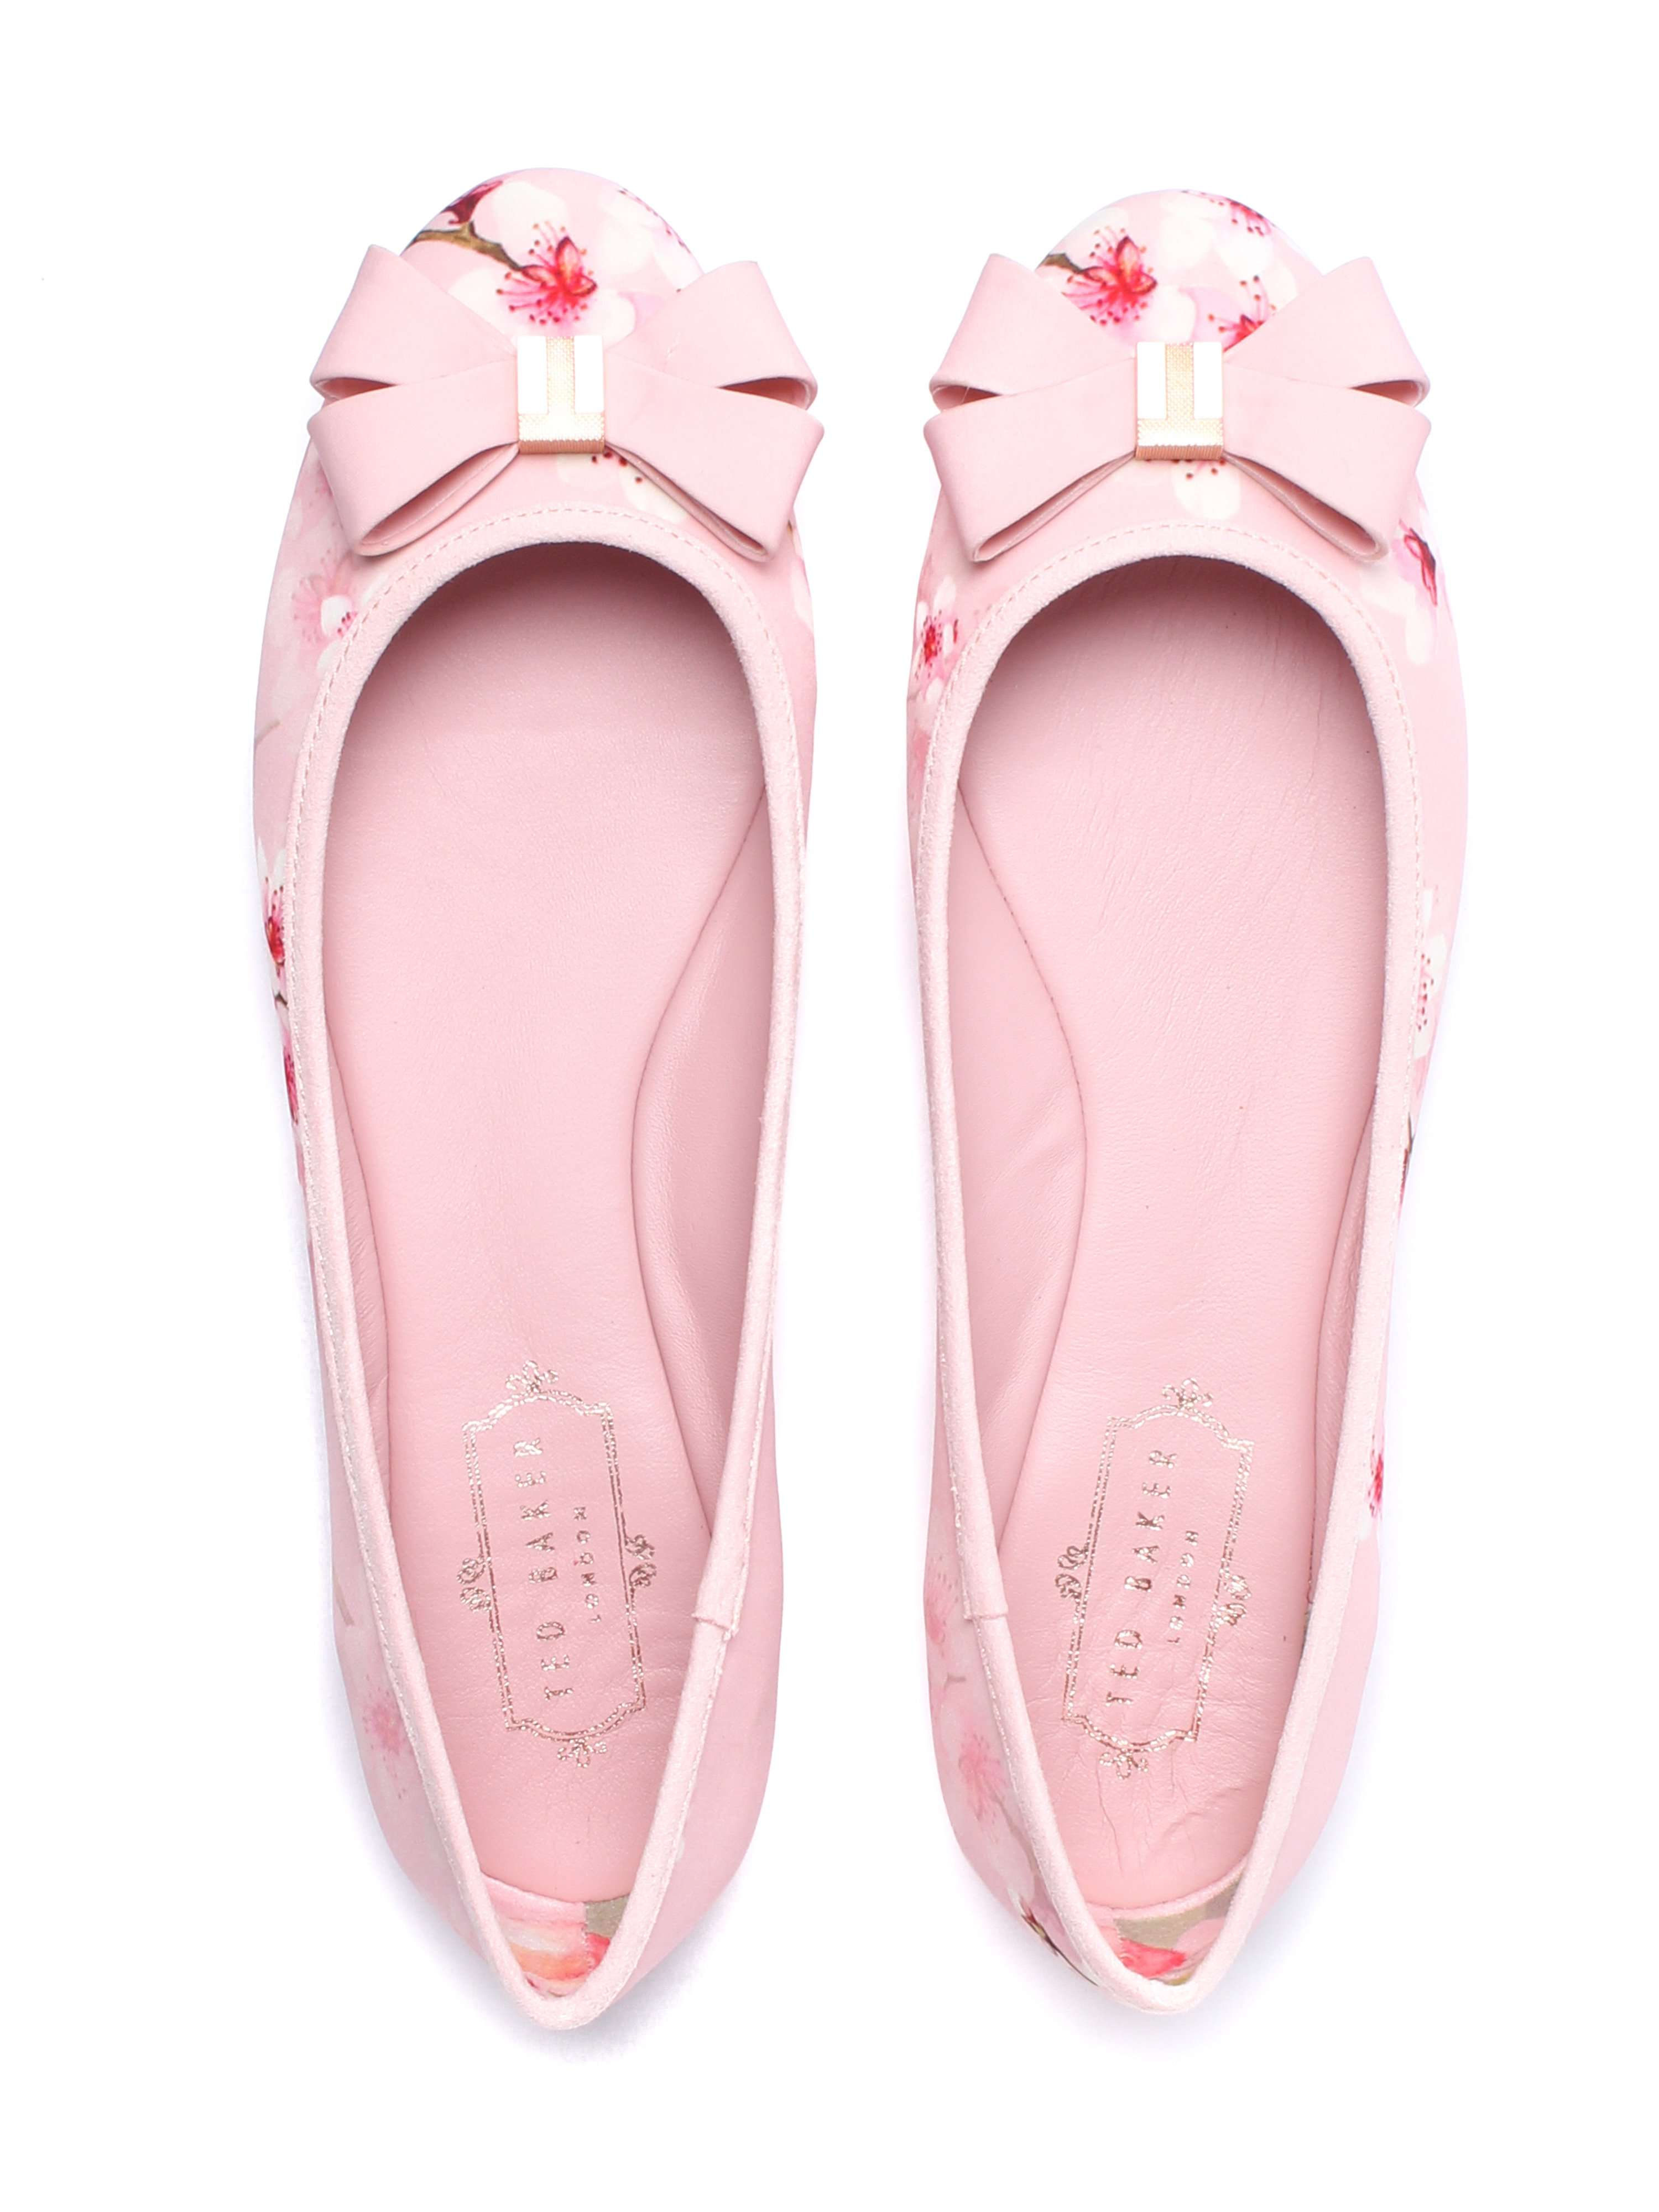 Ted Baker Women's Immep 2 Ballerinas - Blossom Pink